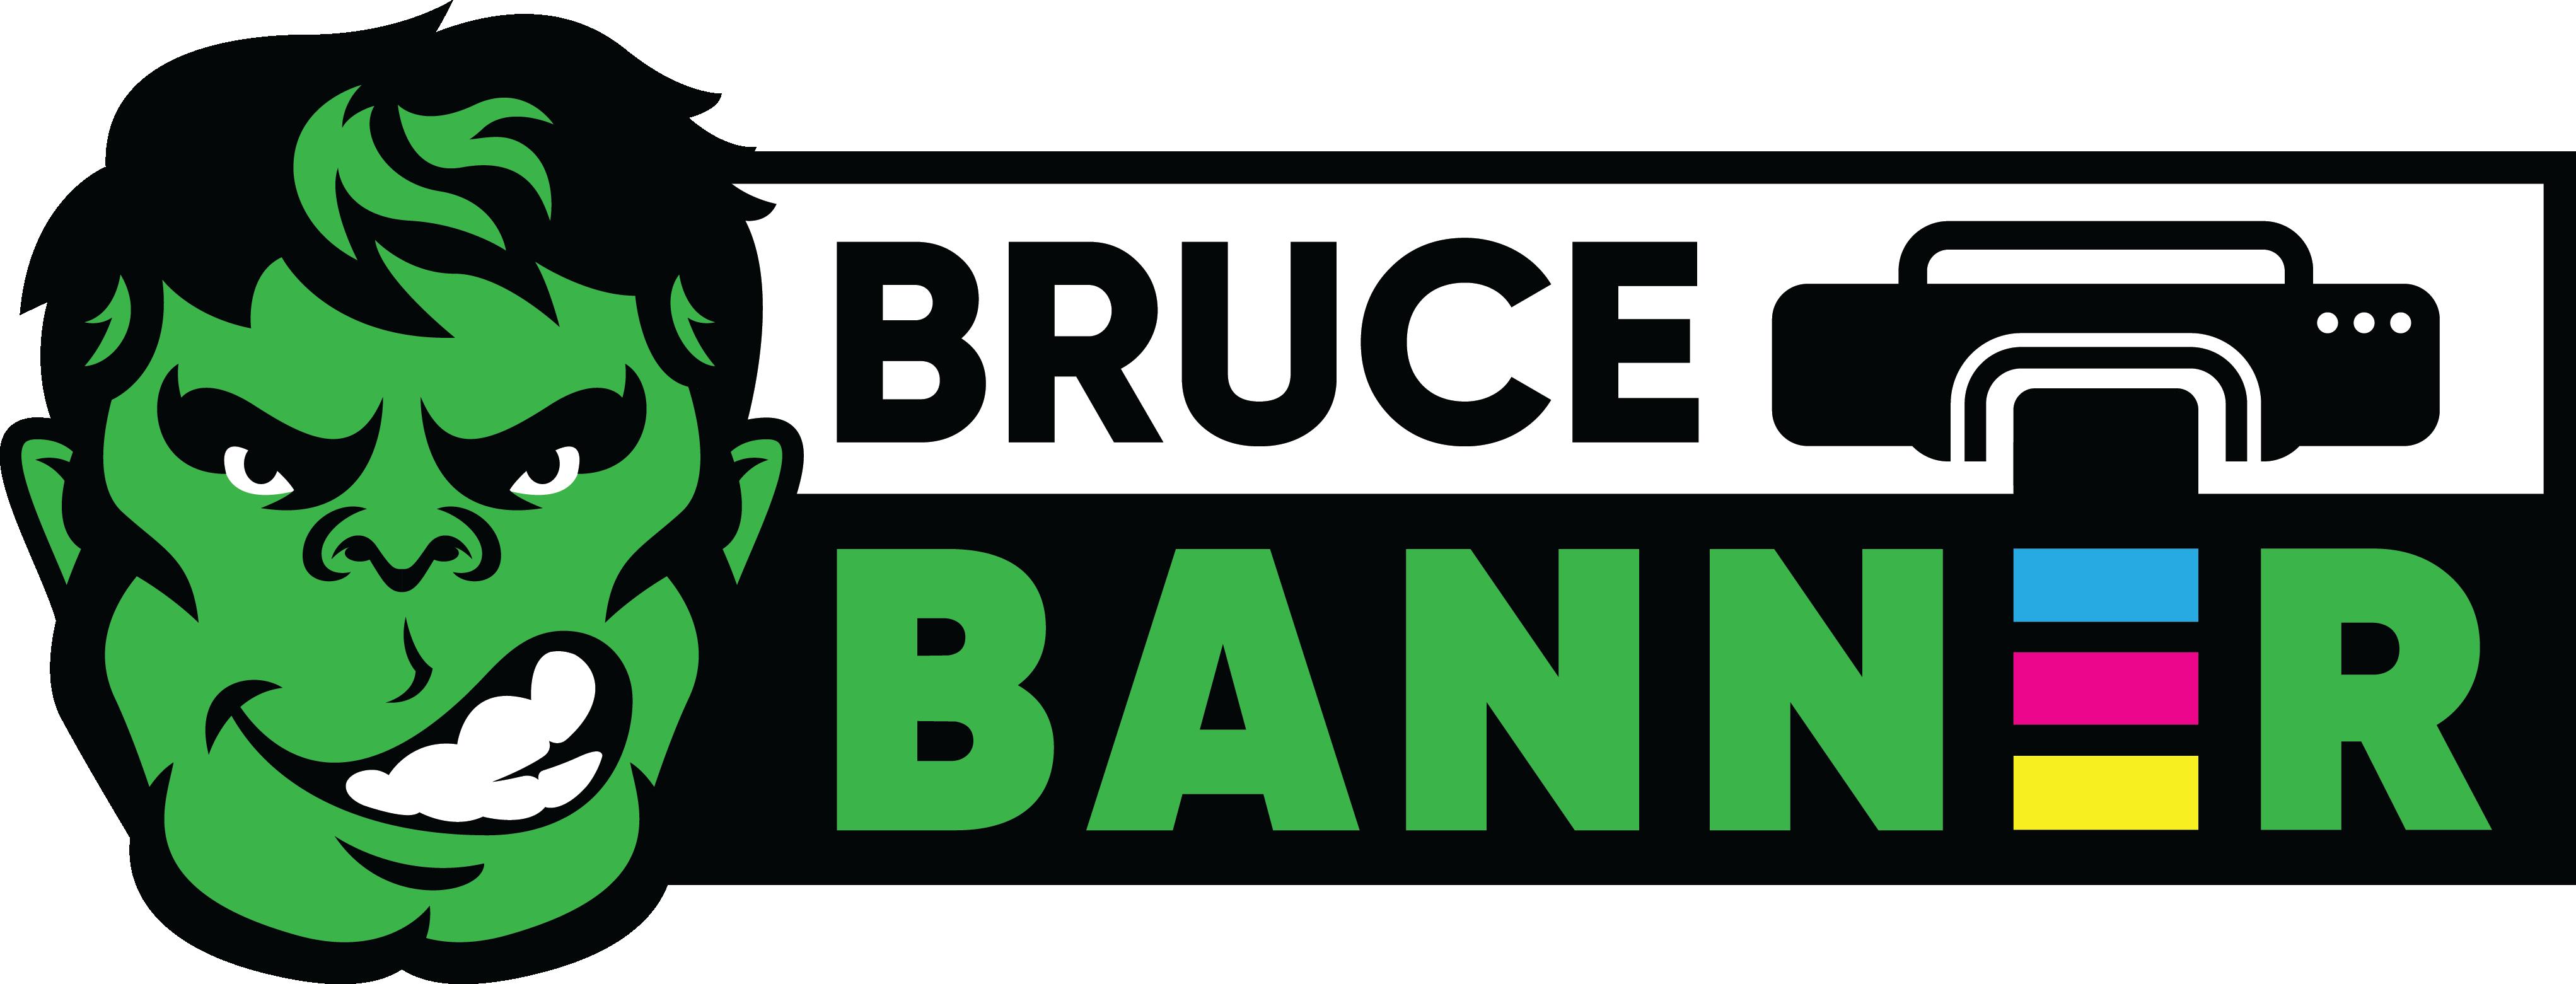 BruceBanner